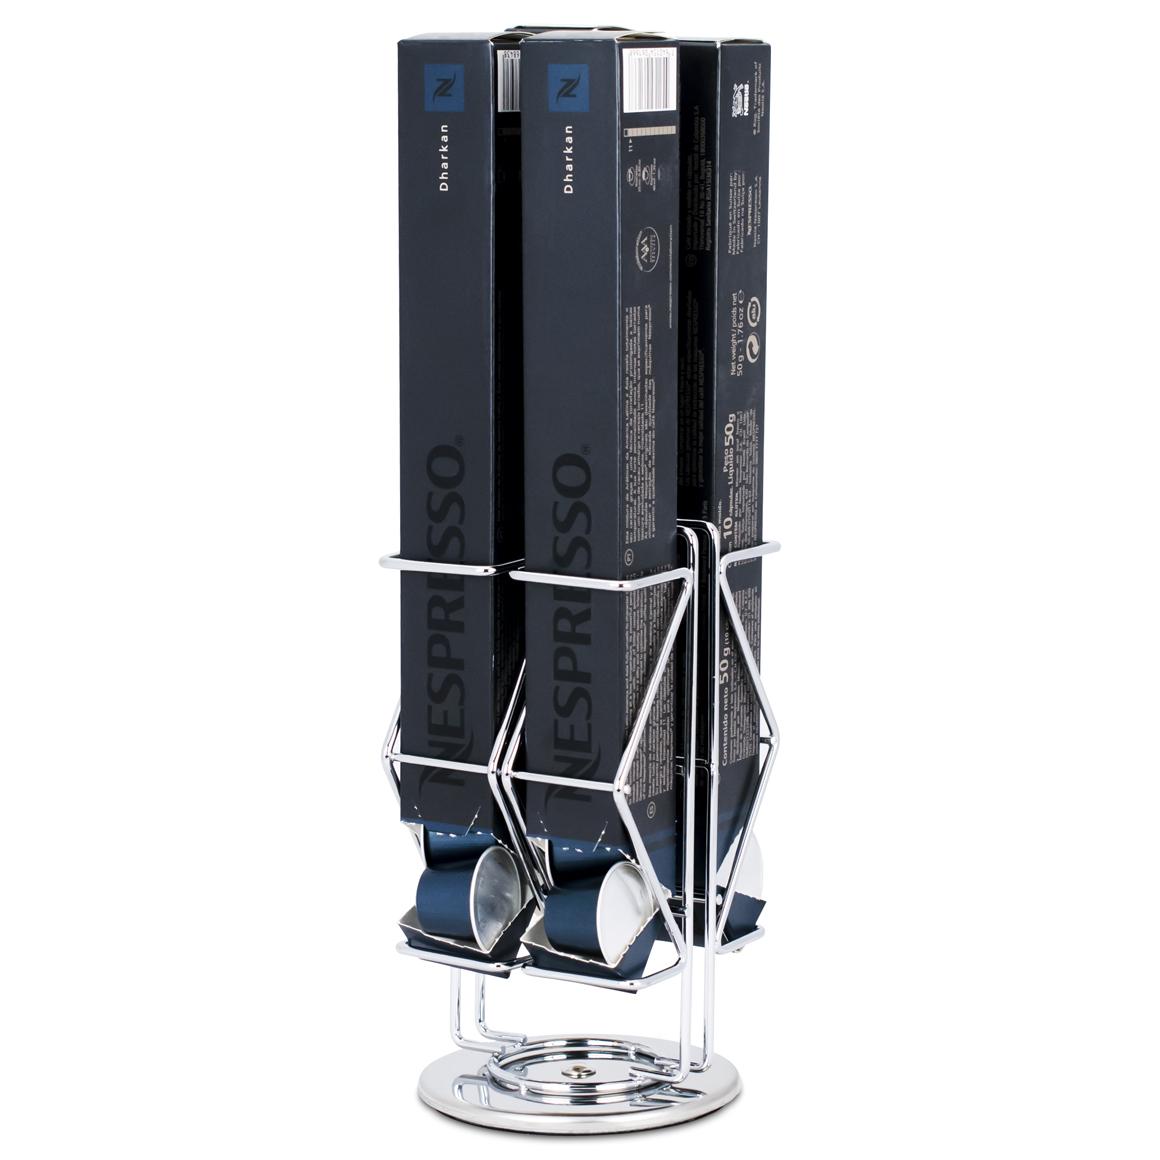 Porta Cápsulas - Compatível com Cápsulas Nespresso® -Silver -...